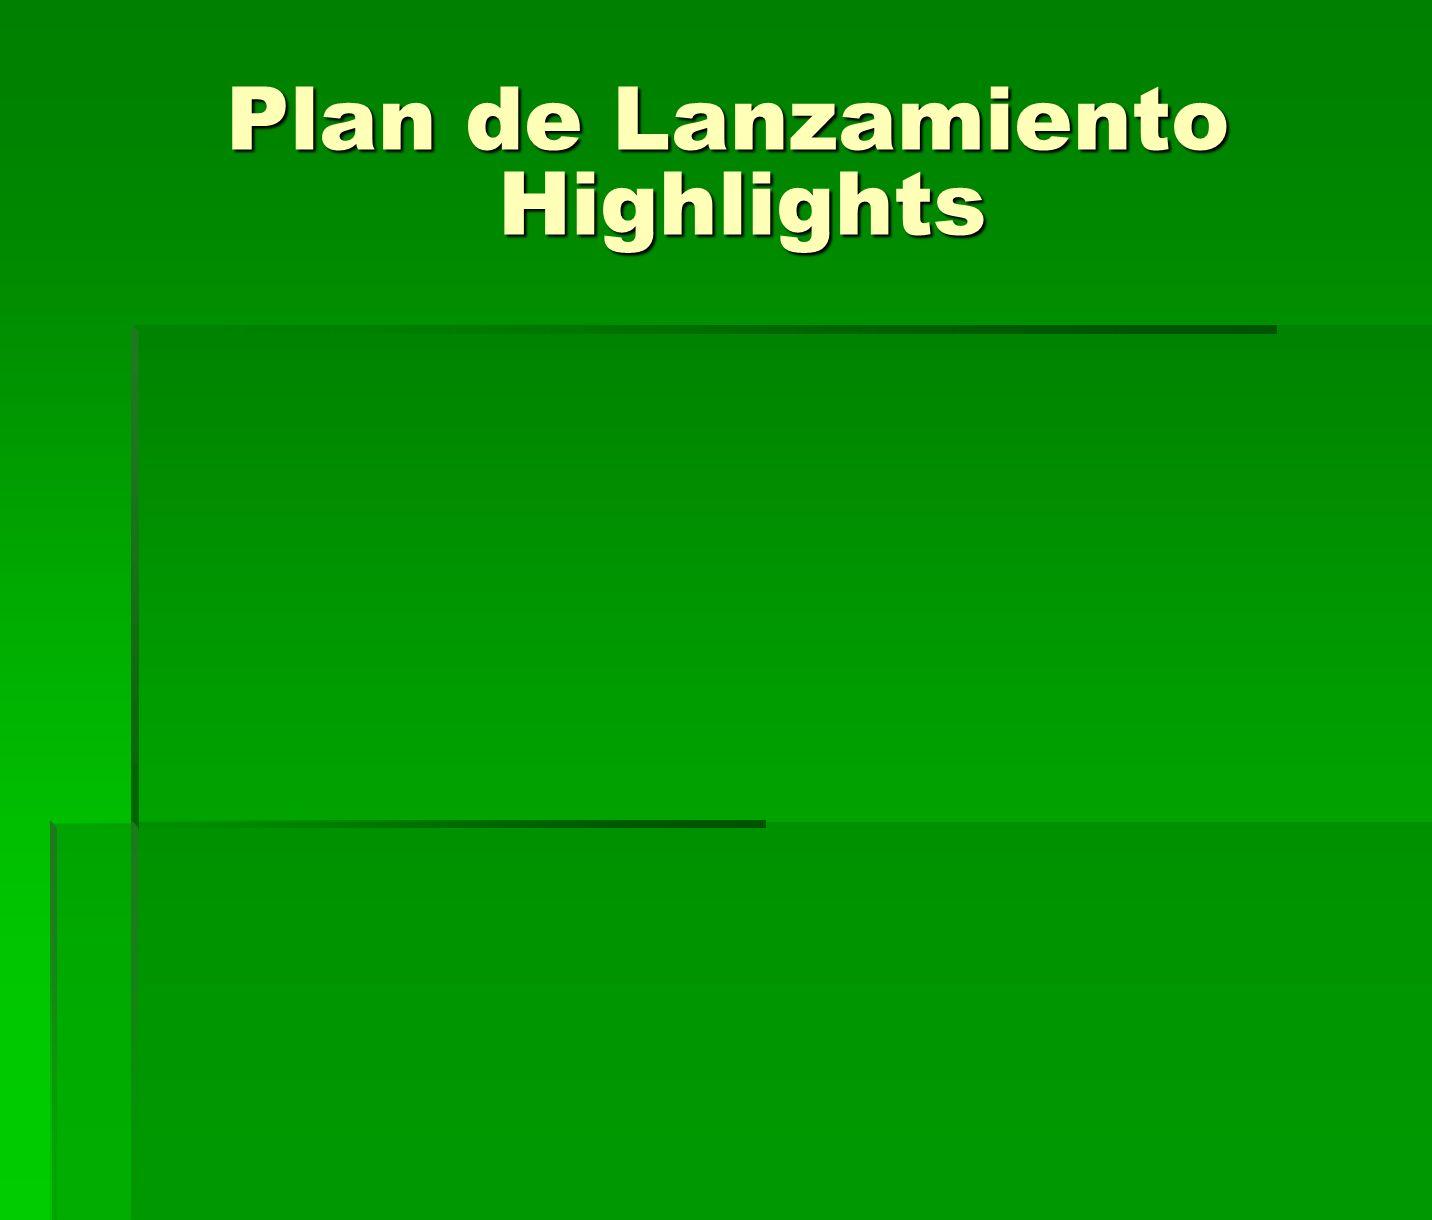 Plan de Lanzamiento Highlights